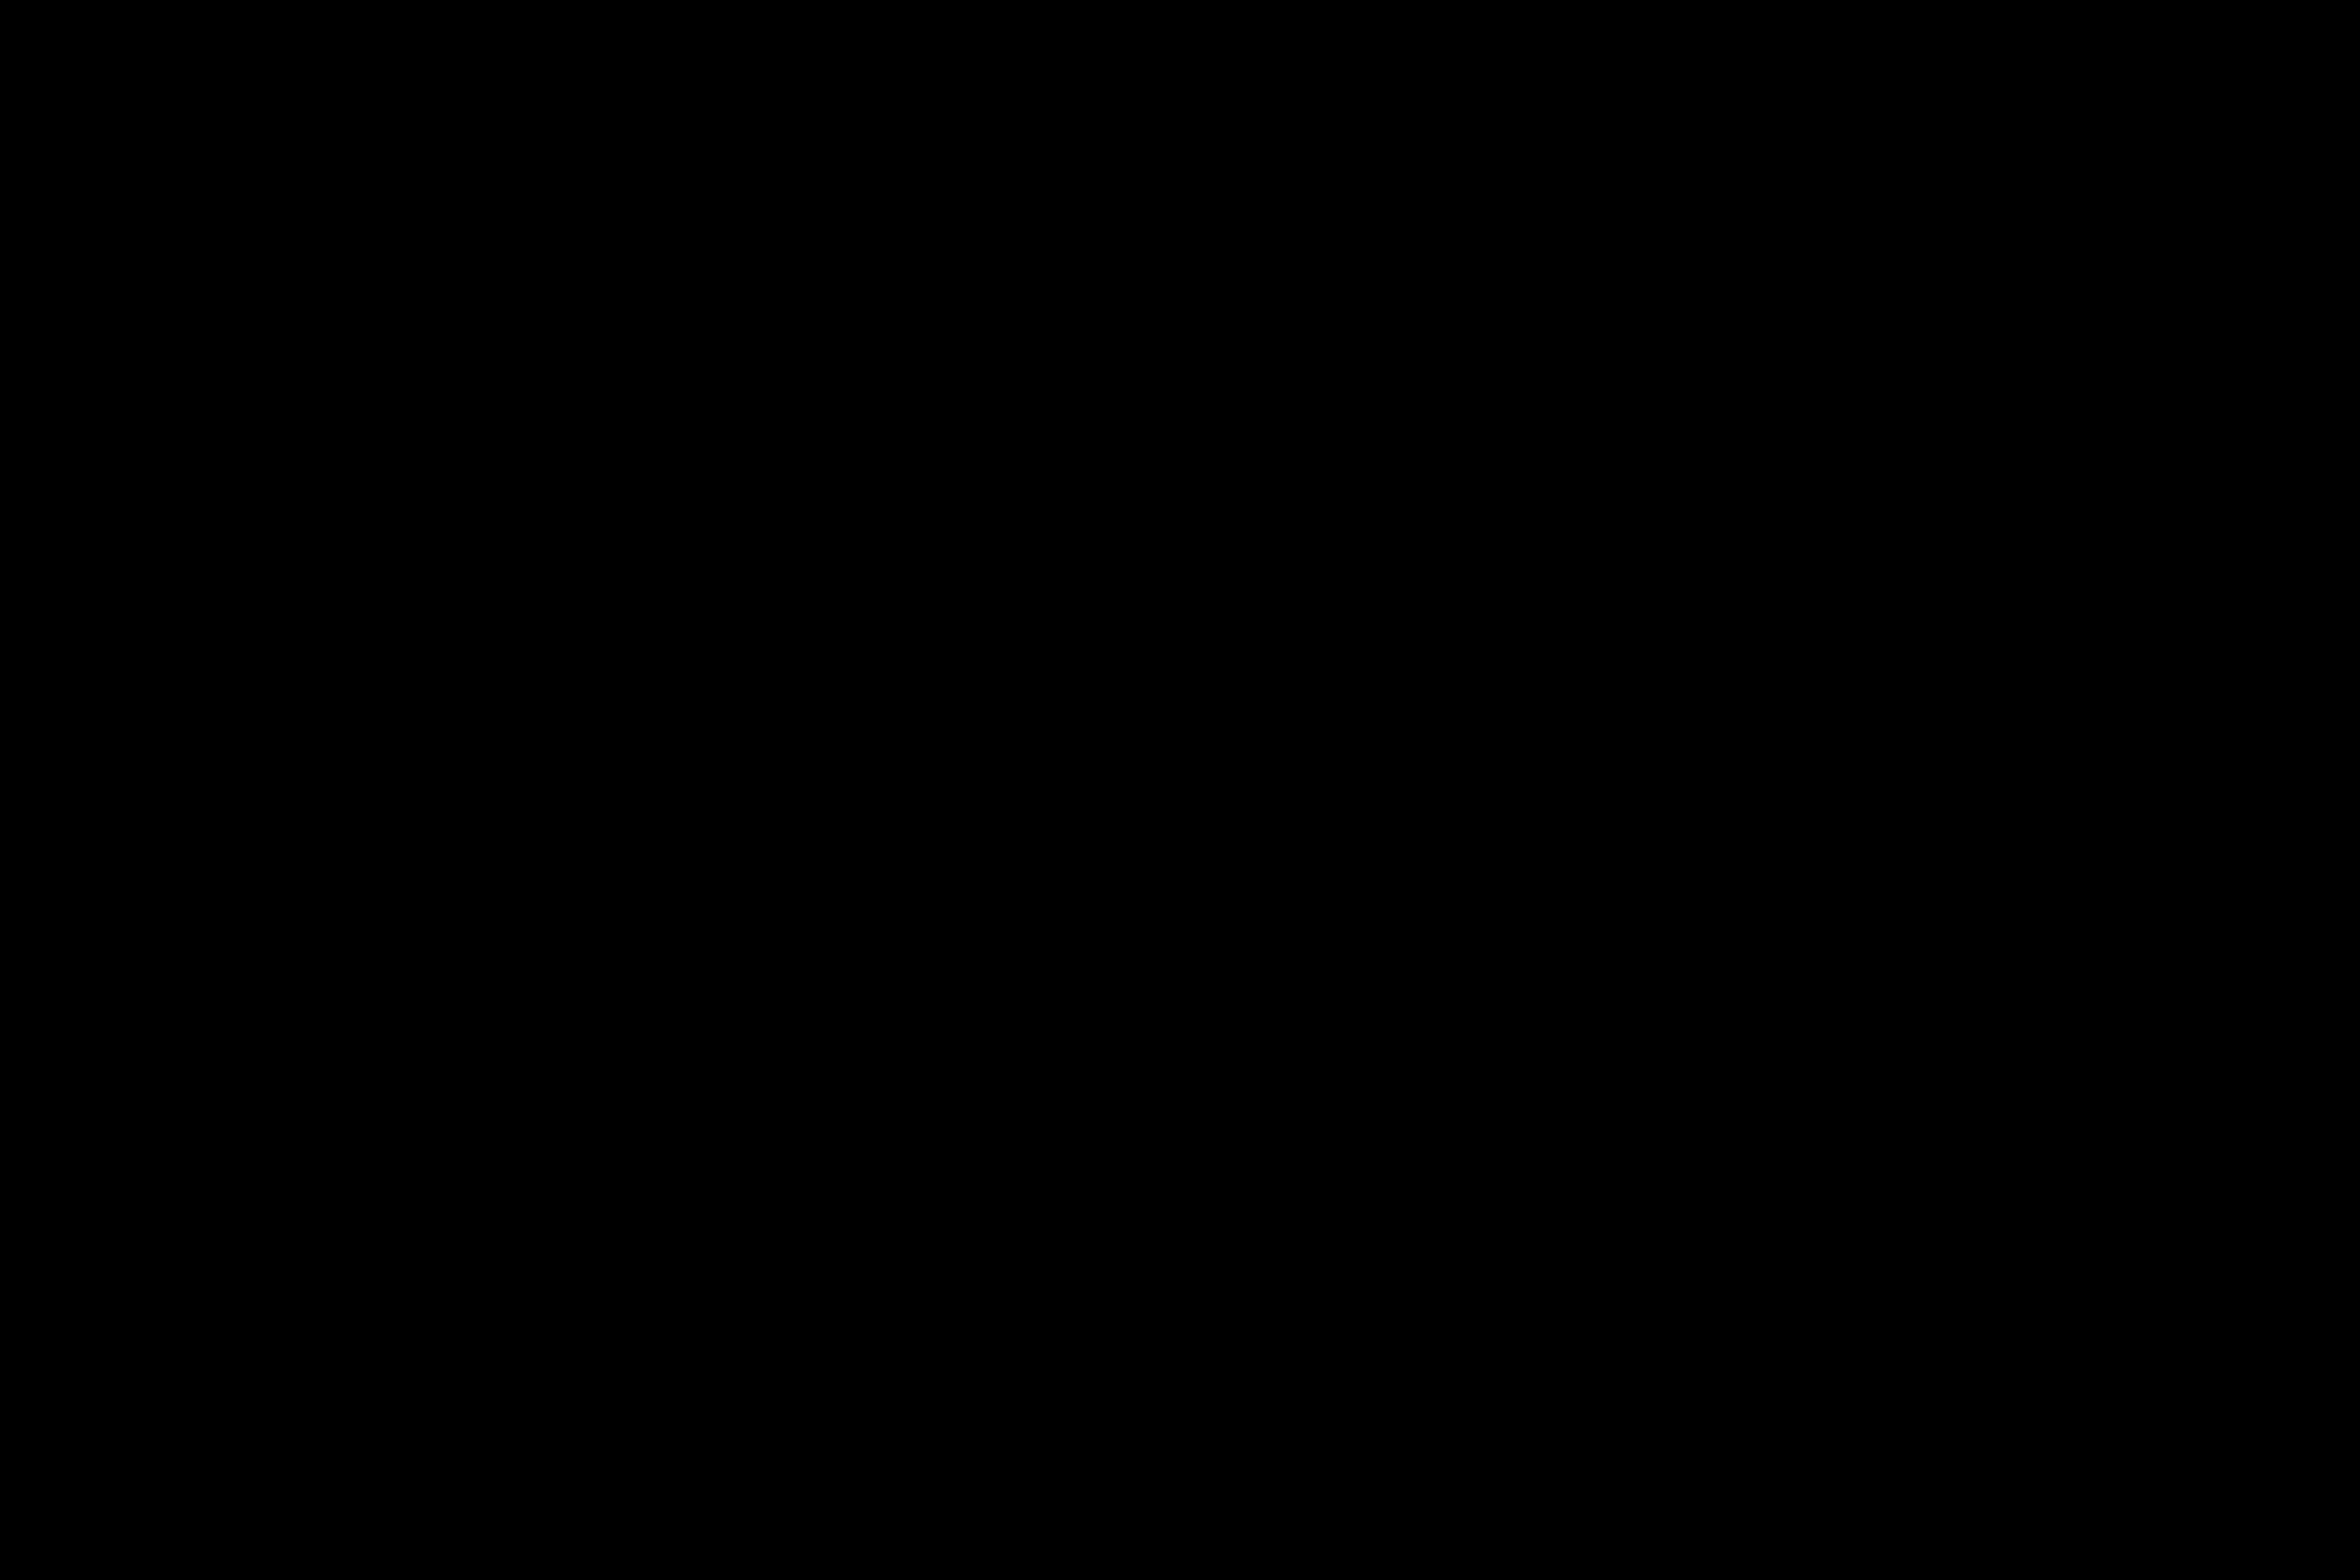 E-Commerce PPC in 2020